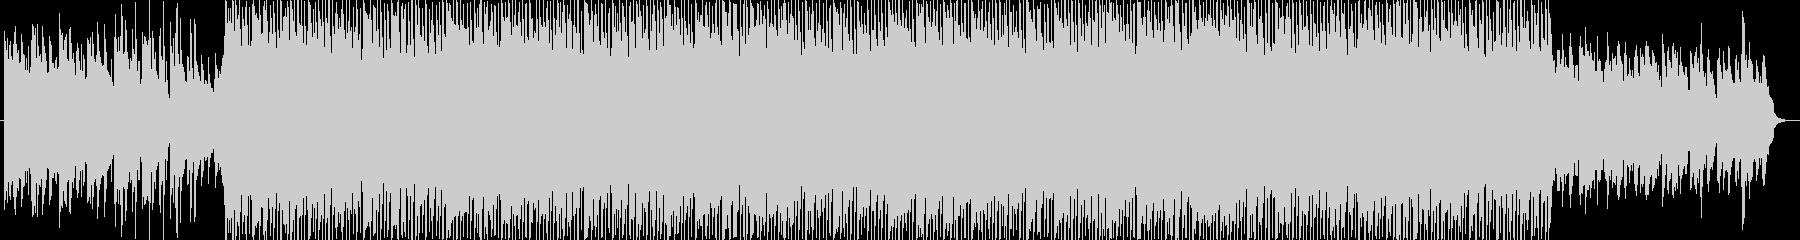 リズミックなポップBGMの未再生の波形